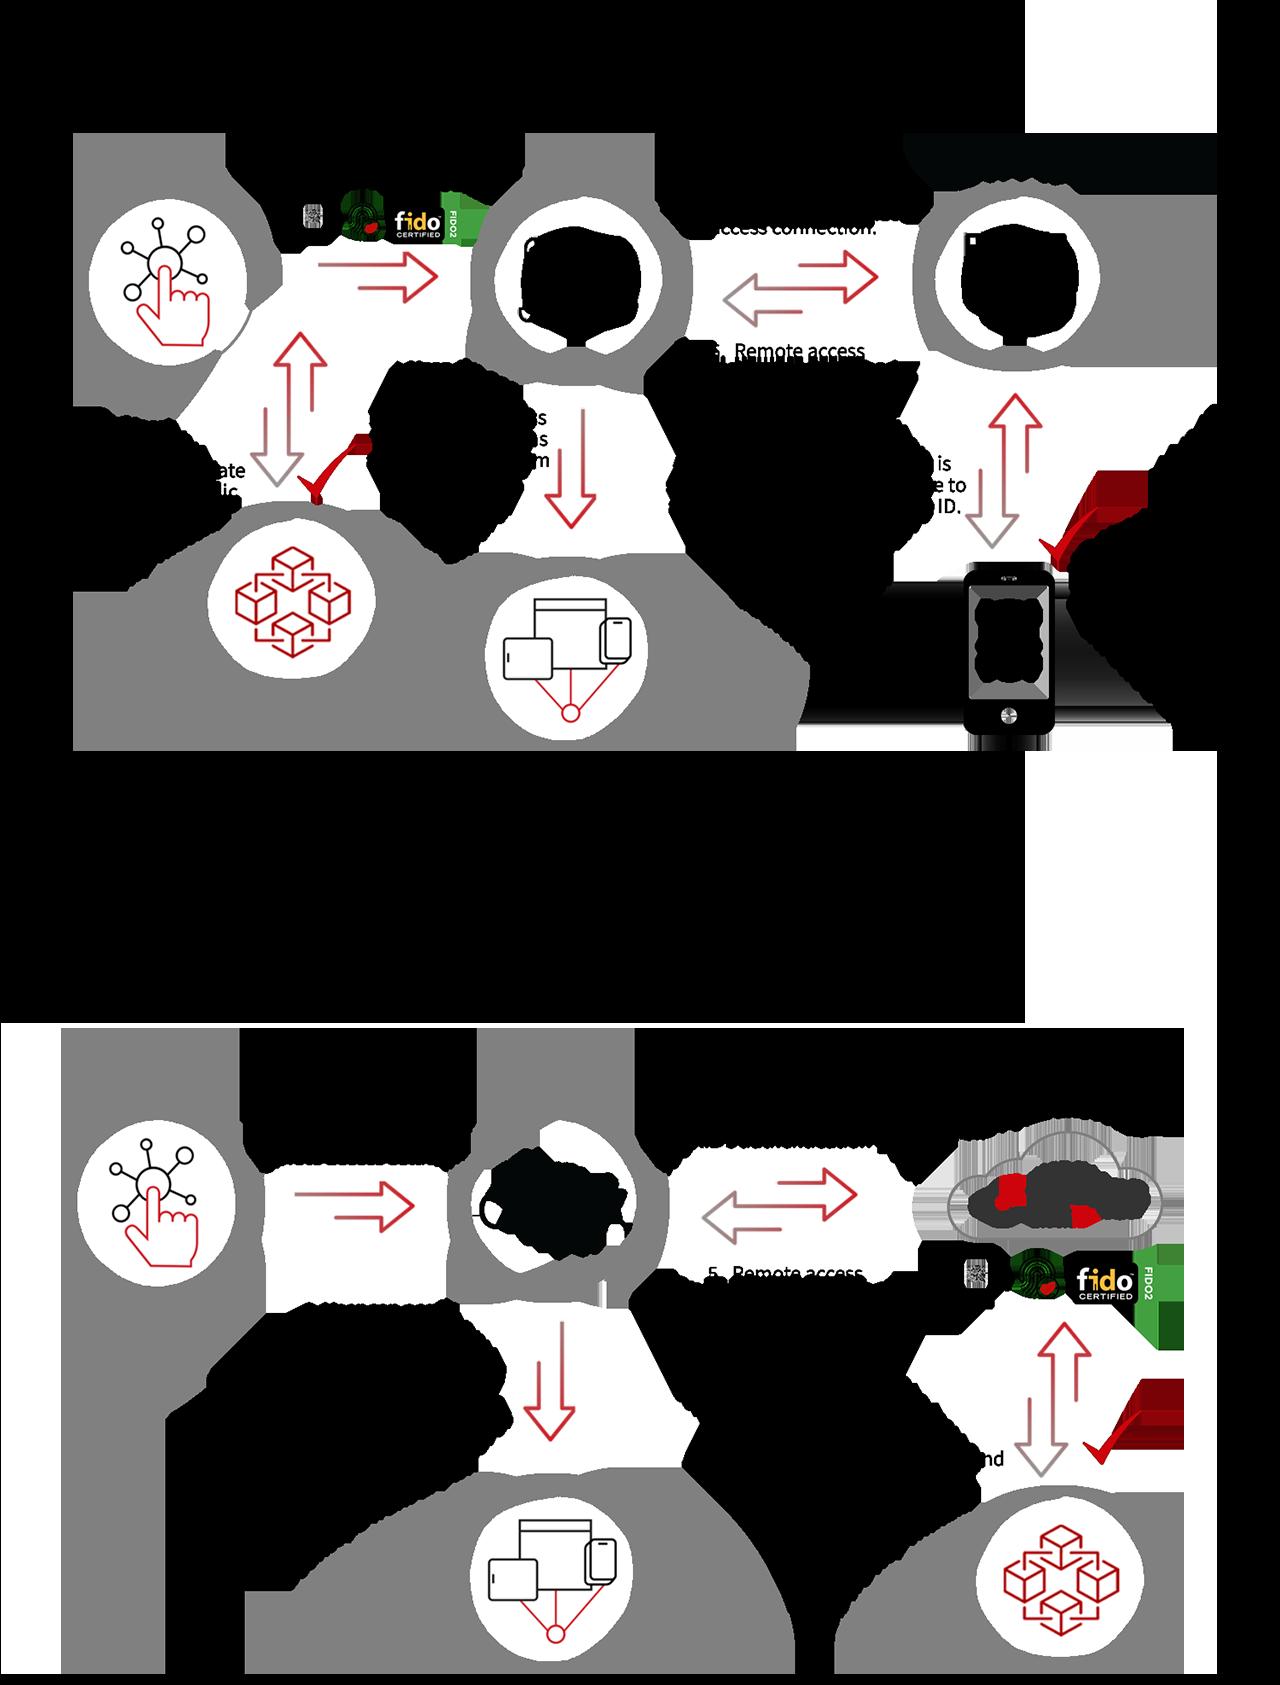 citrix full diagram scenario 1 and 2